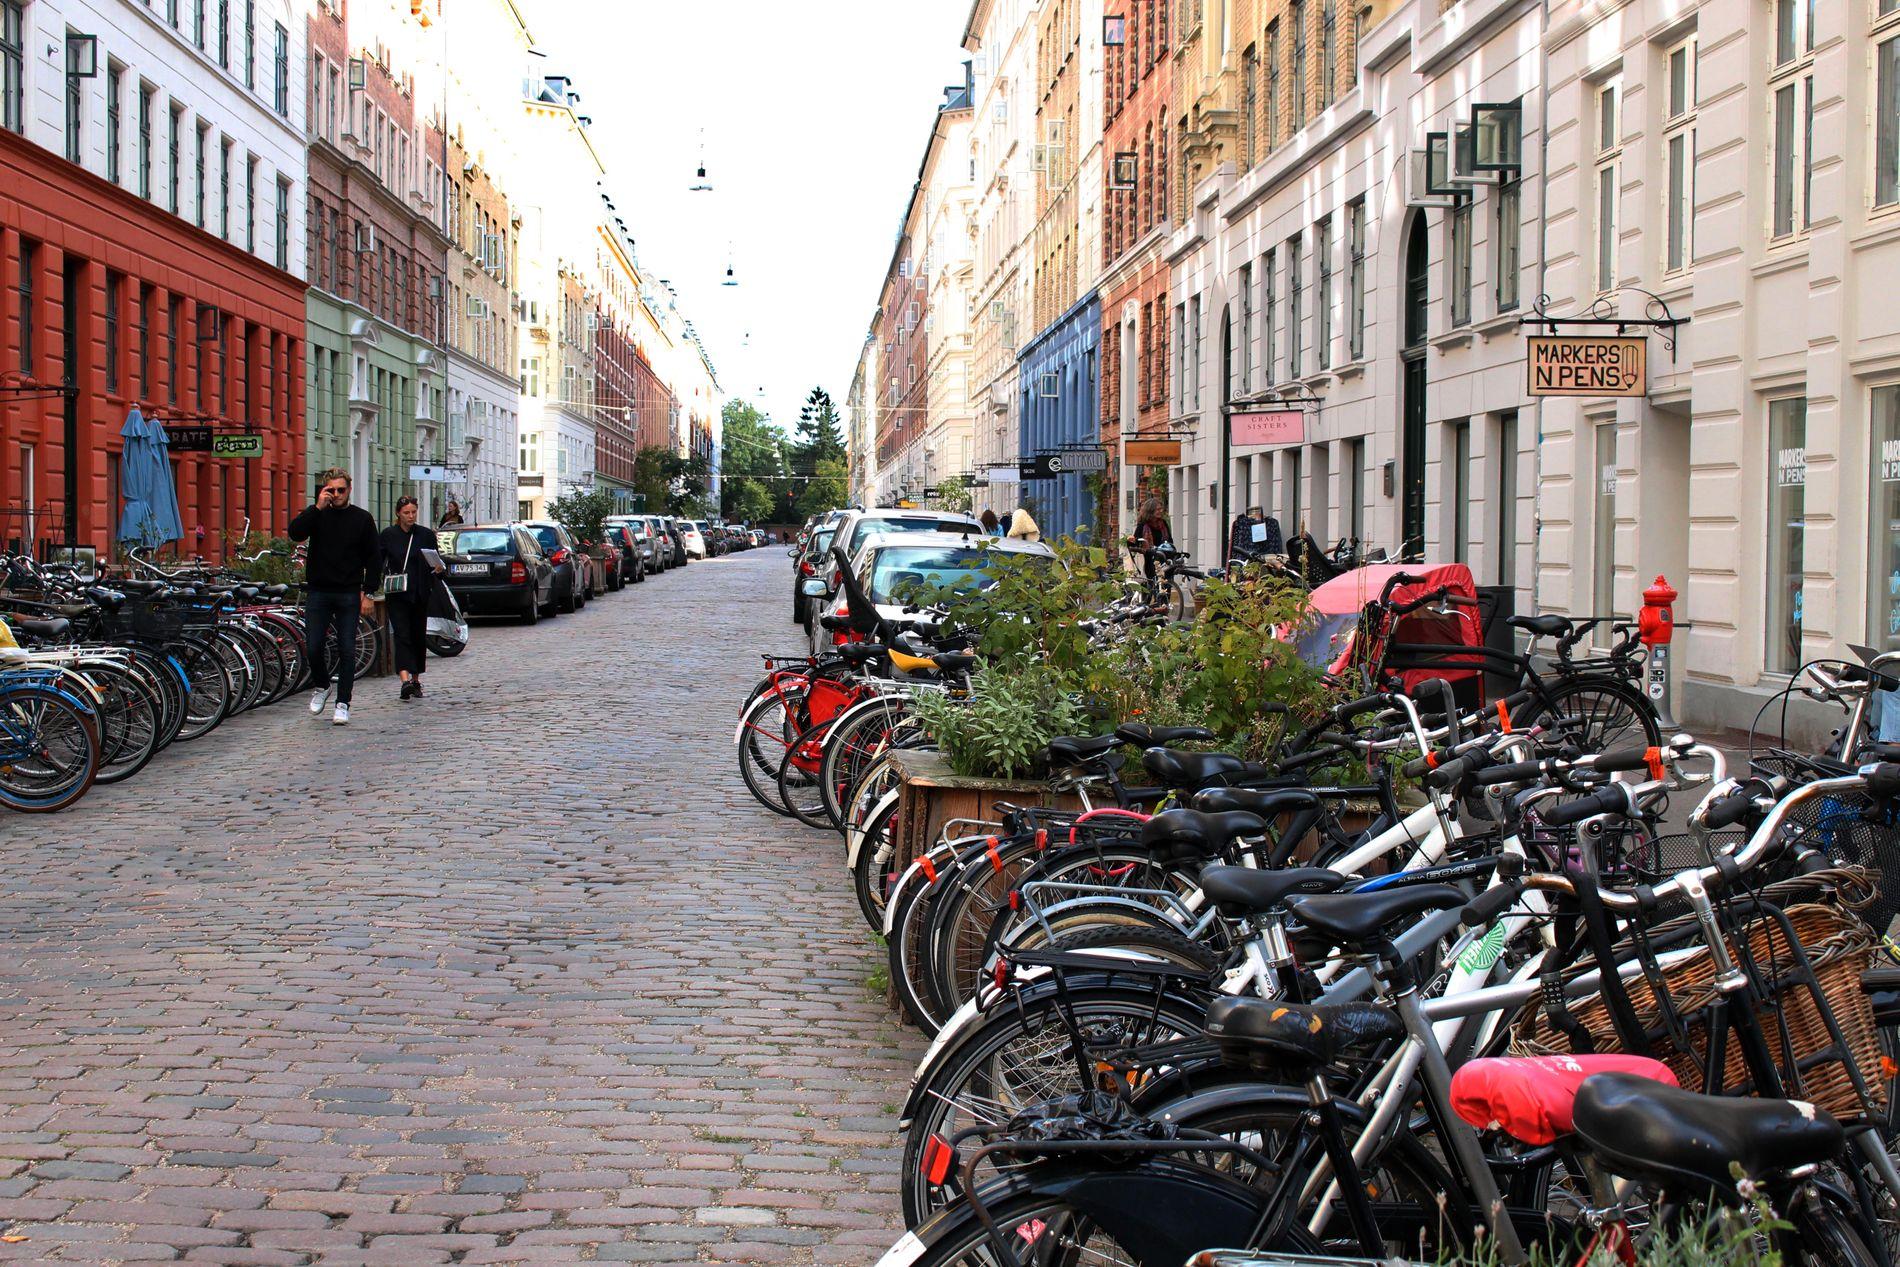 HERLIG GATE: Syklene står parkert langs hele gaten, i en salig blanding med bilene. Blomsterbutikker, karamellsjappe, restauranter, kafeer, bruktbutikker og andre nisjebutikker er noe av det du finner i den 350 meter lange gaten.